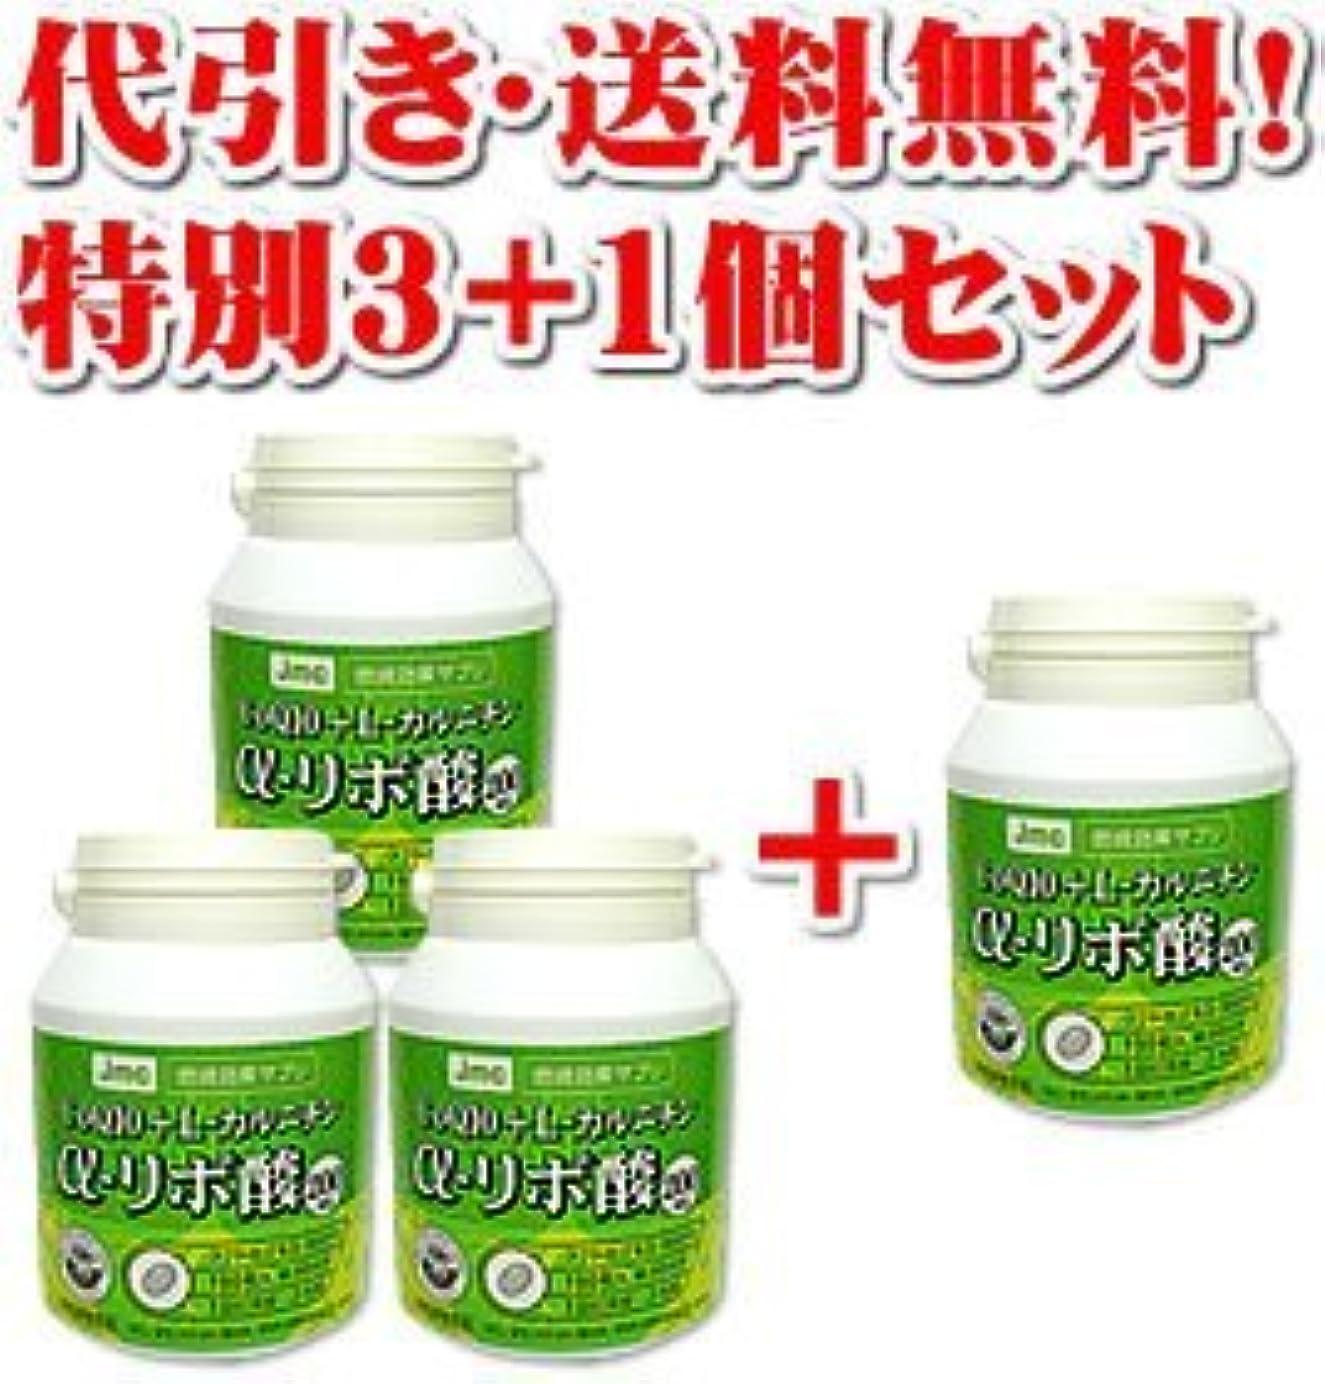 シャンパン十分なケントα-リポ酸200mg(ダイエットの4大成分を1粒に凝縮)4個セット